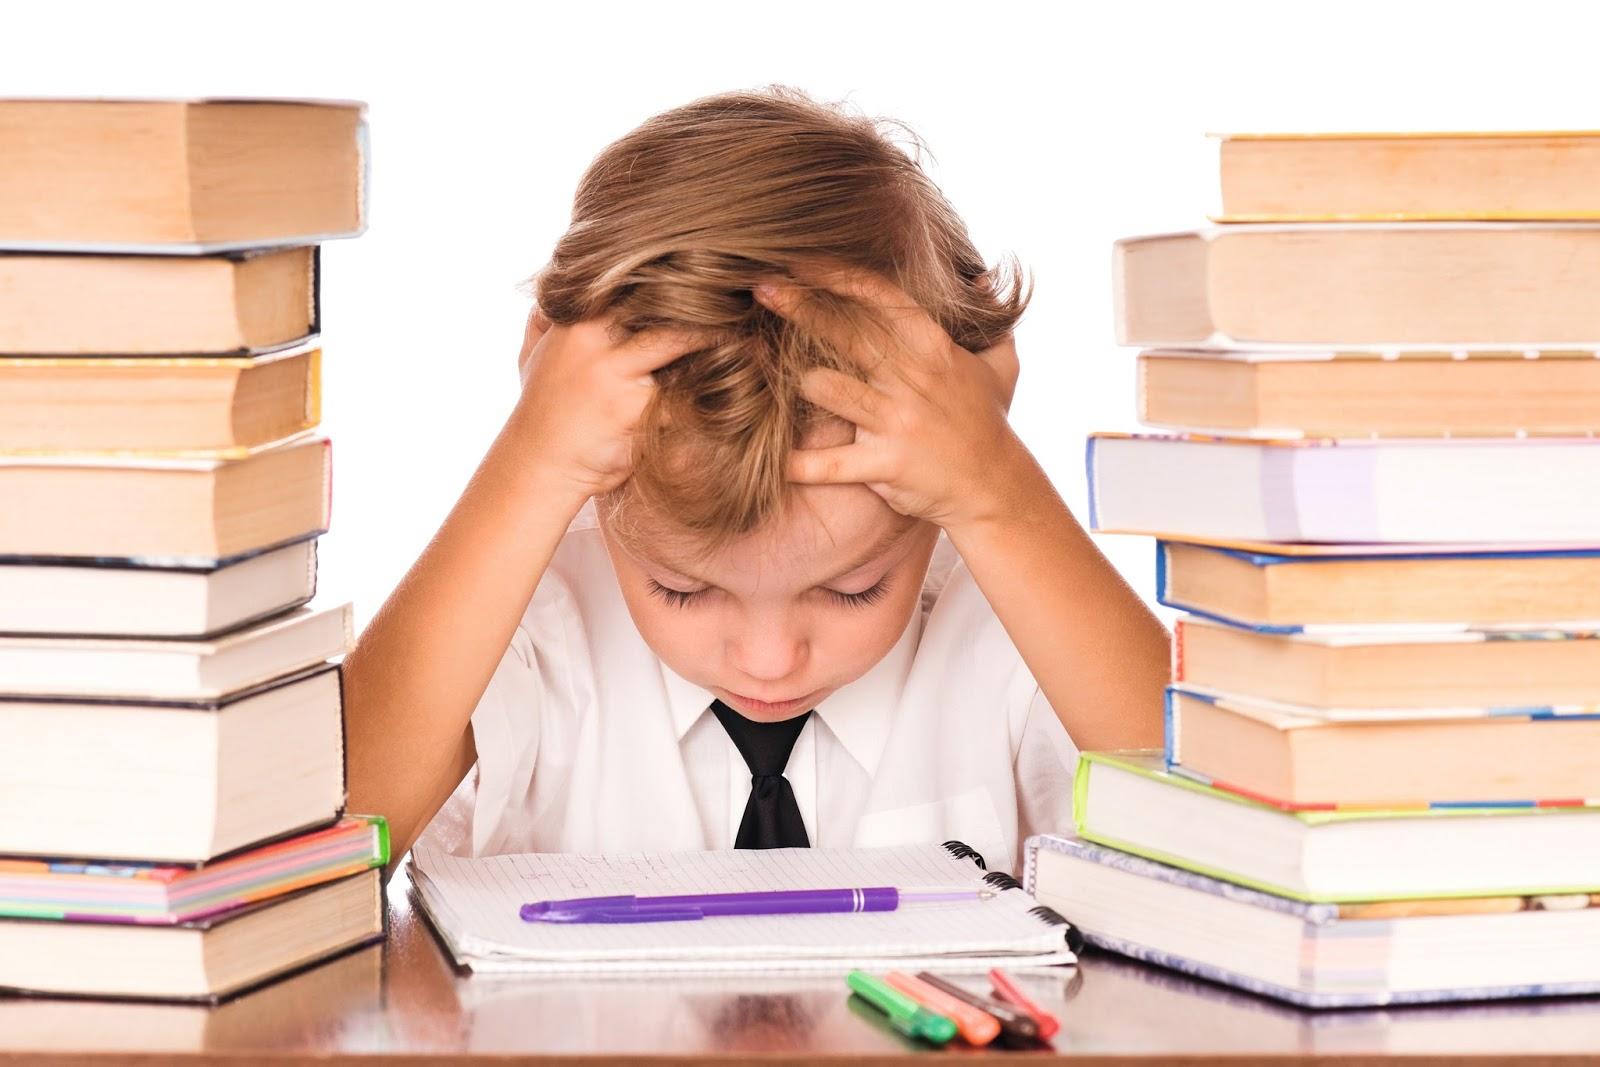 Jak rozwijać umysł dziecka? Czyli trening mózgu...